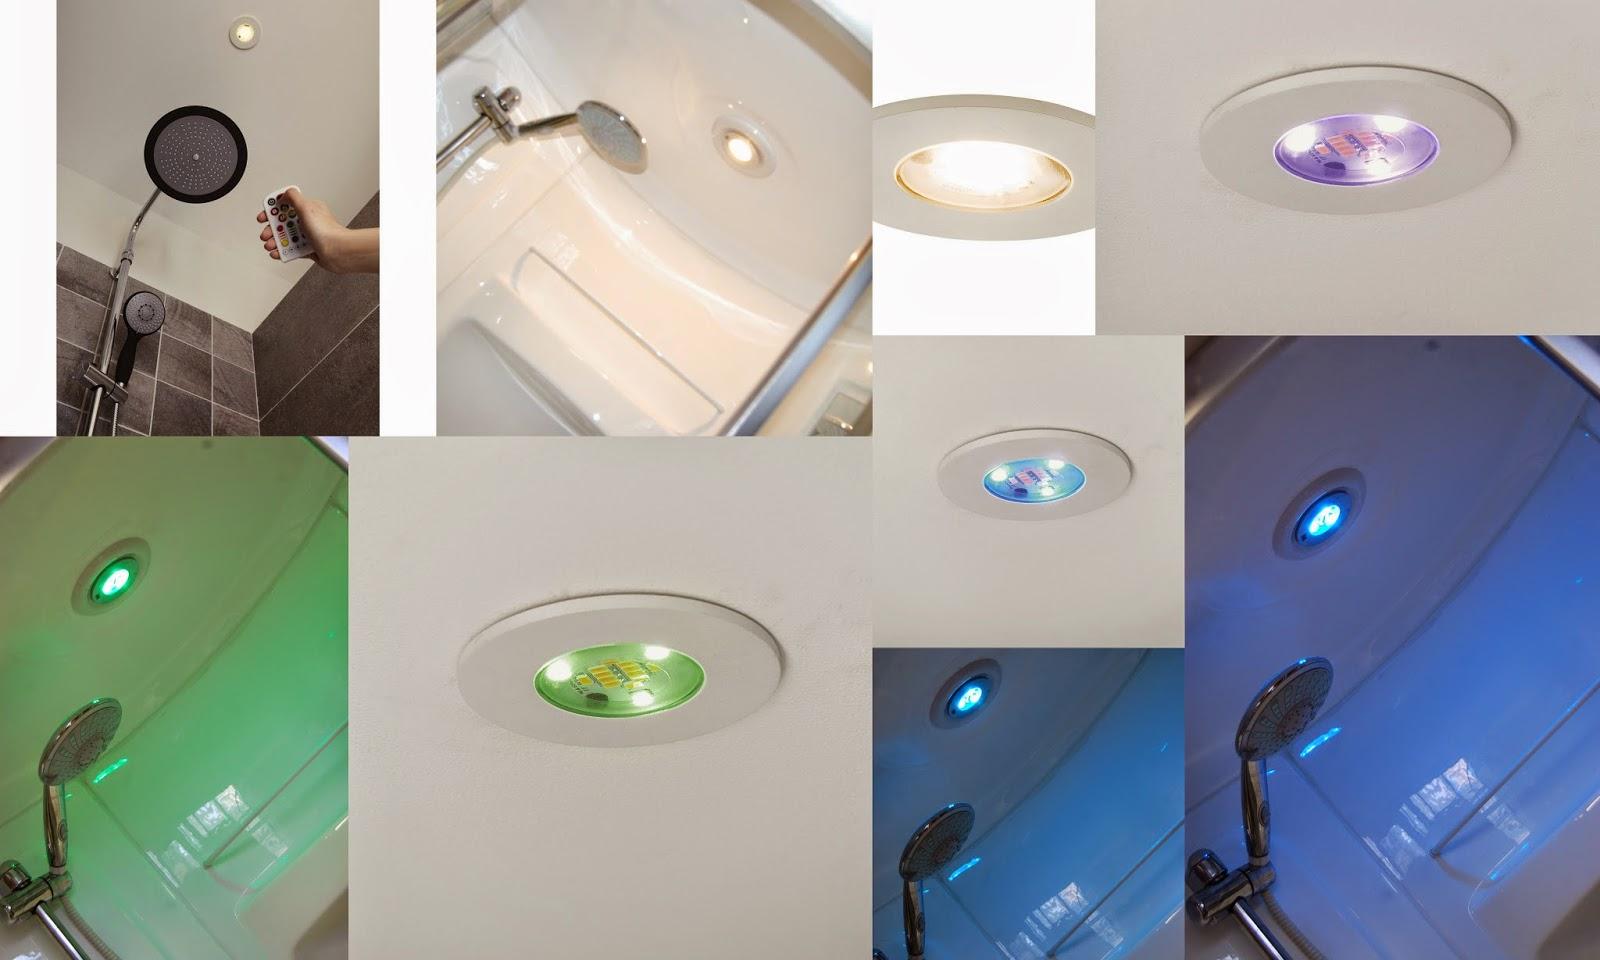 mon blog parmi tant d 39 autres lechatmorpheus placer des spots au dessus de la douche. Black Bedroom Furniture Sets. Home Design Ideas